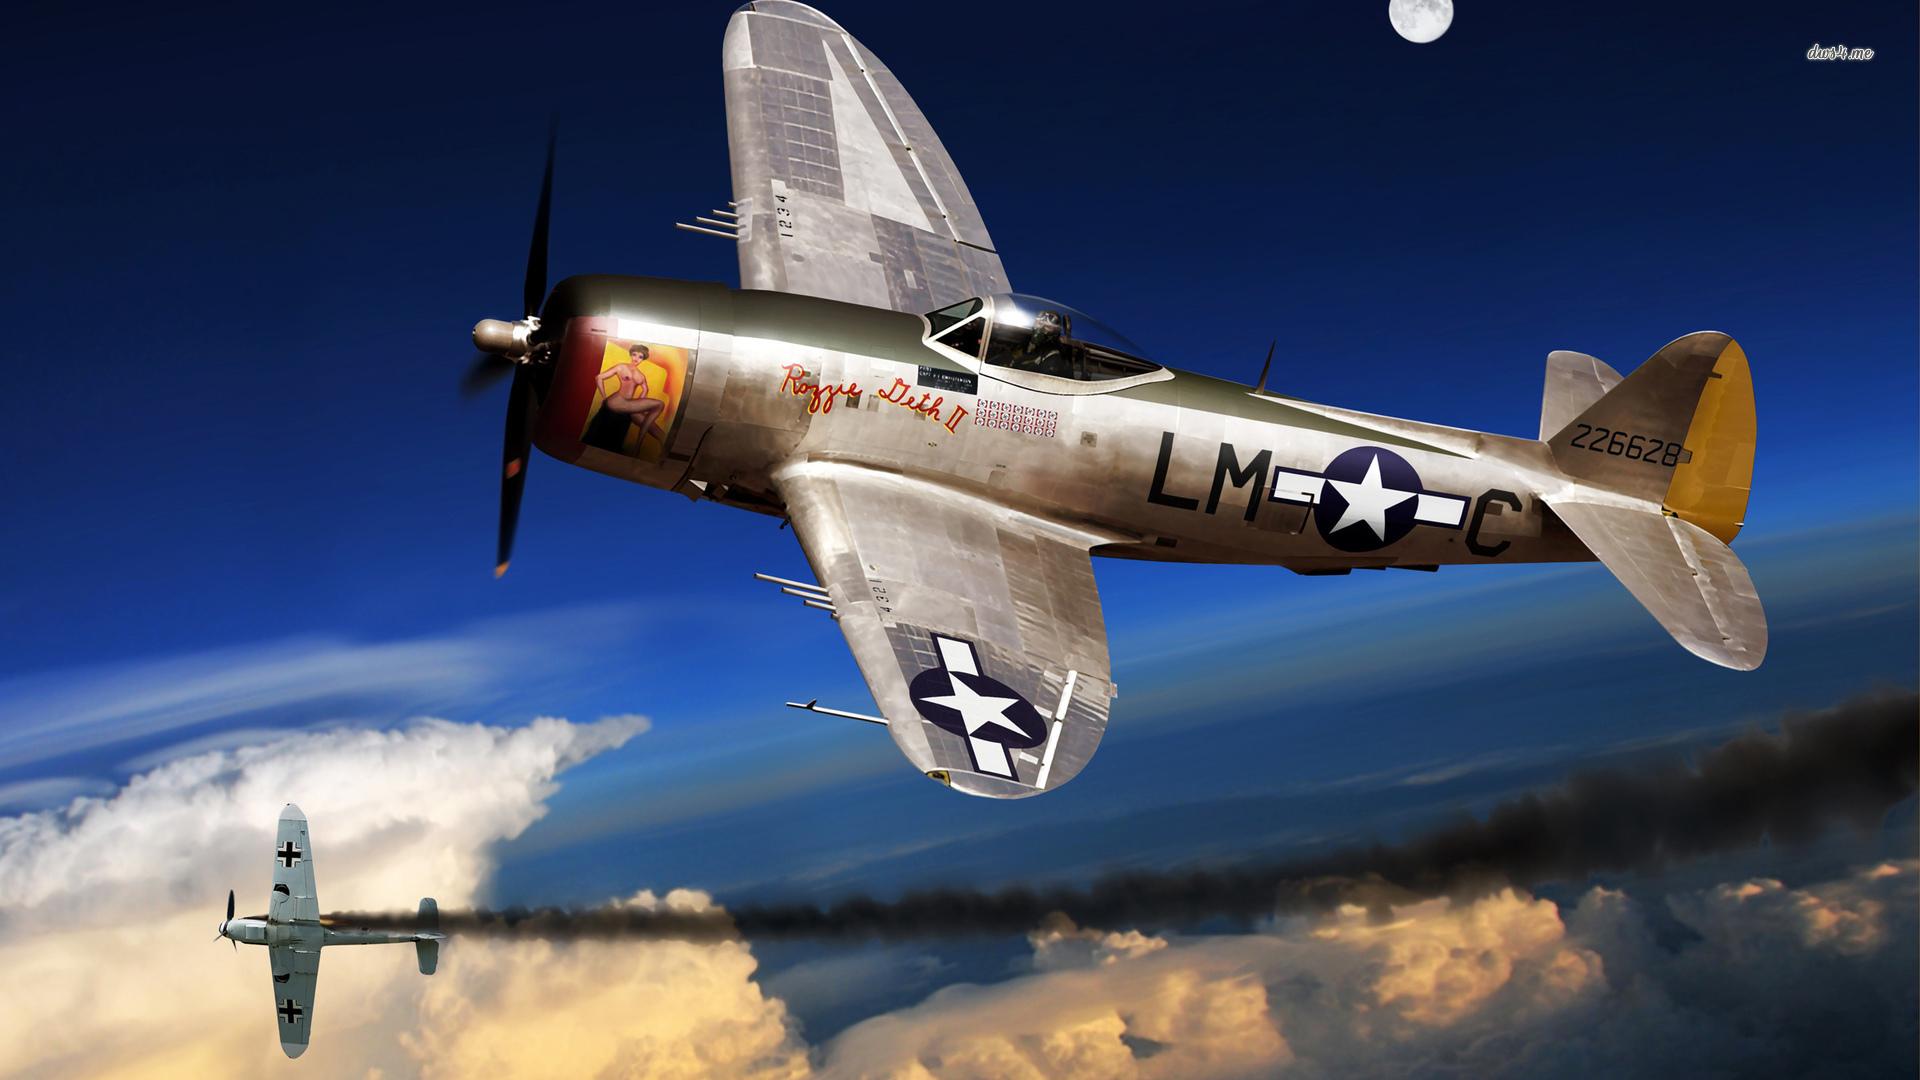 Republic P 47 Thunderbolt wallpaper   Aircraft wallpapers   41819 1920x1080